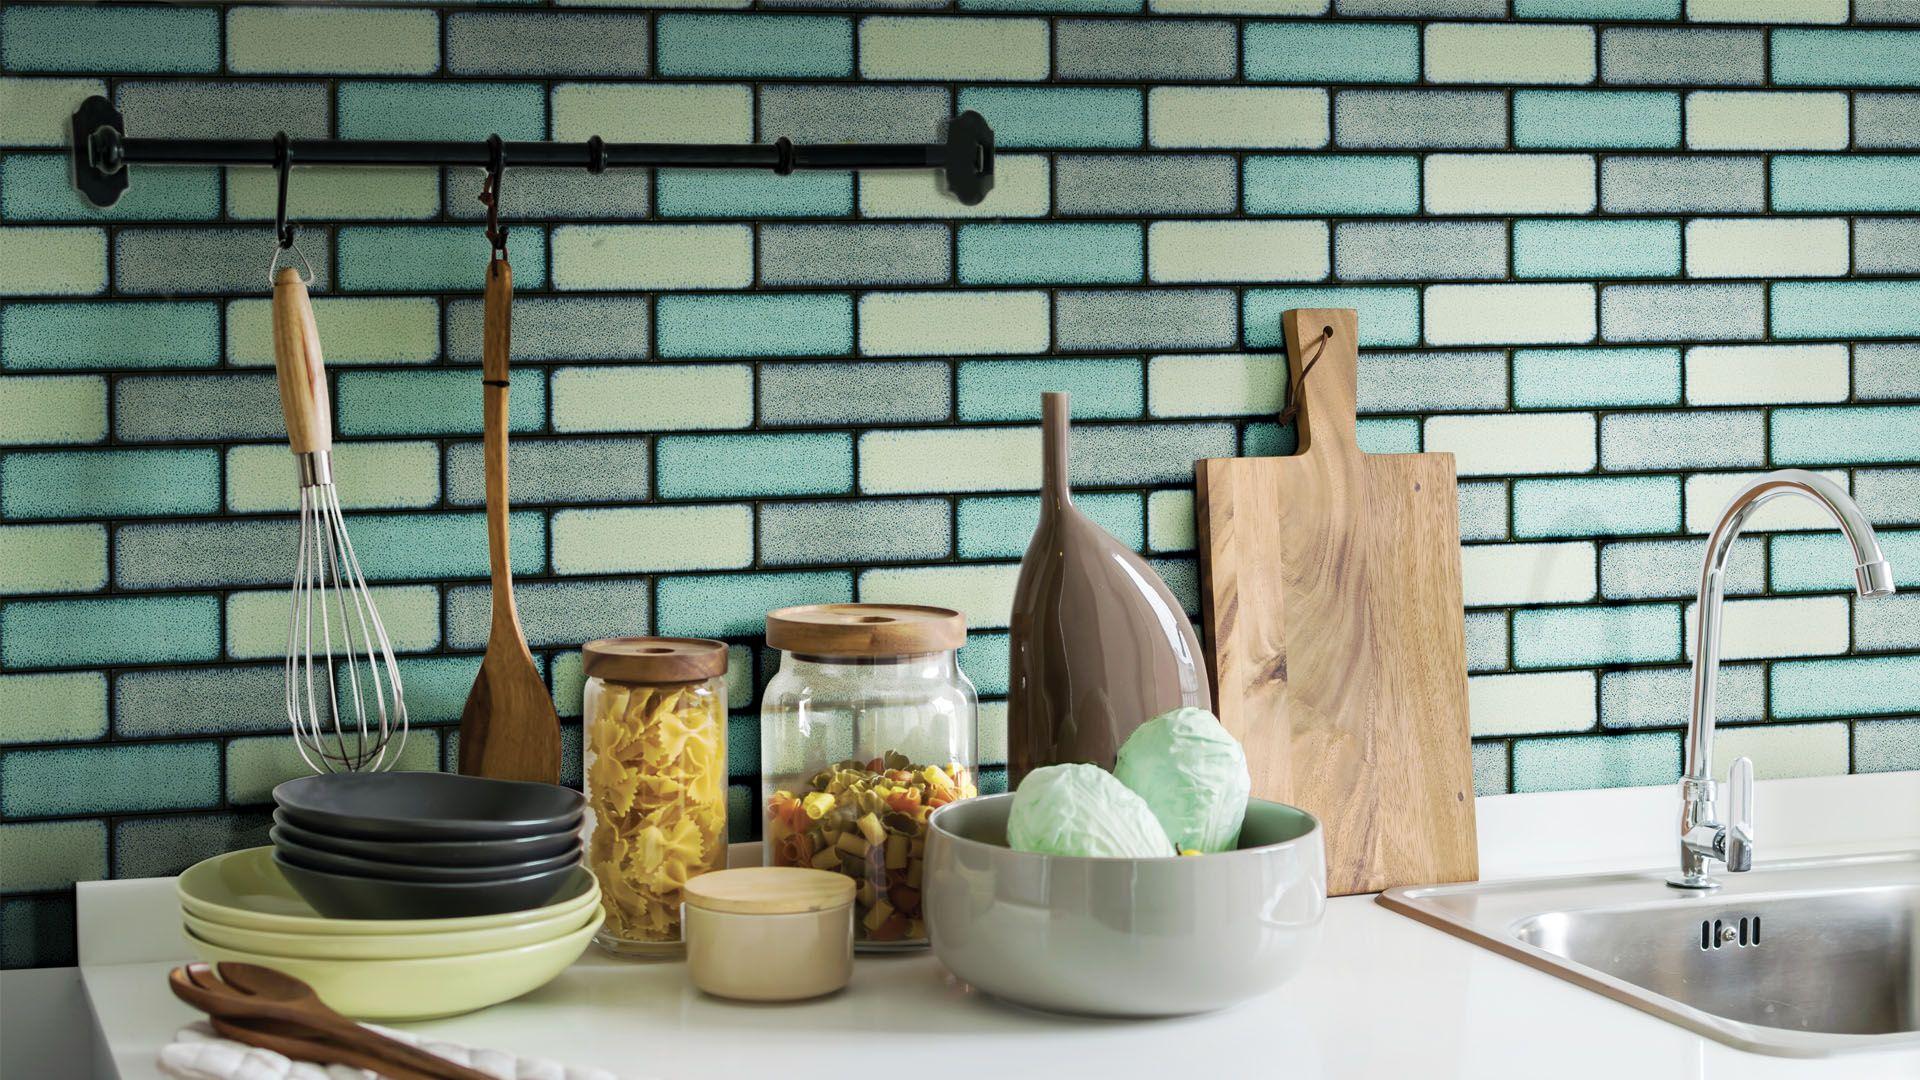 Pin von surfacedesign auf Surfacedesign decorative tiles | Pinterest